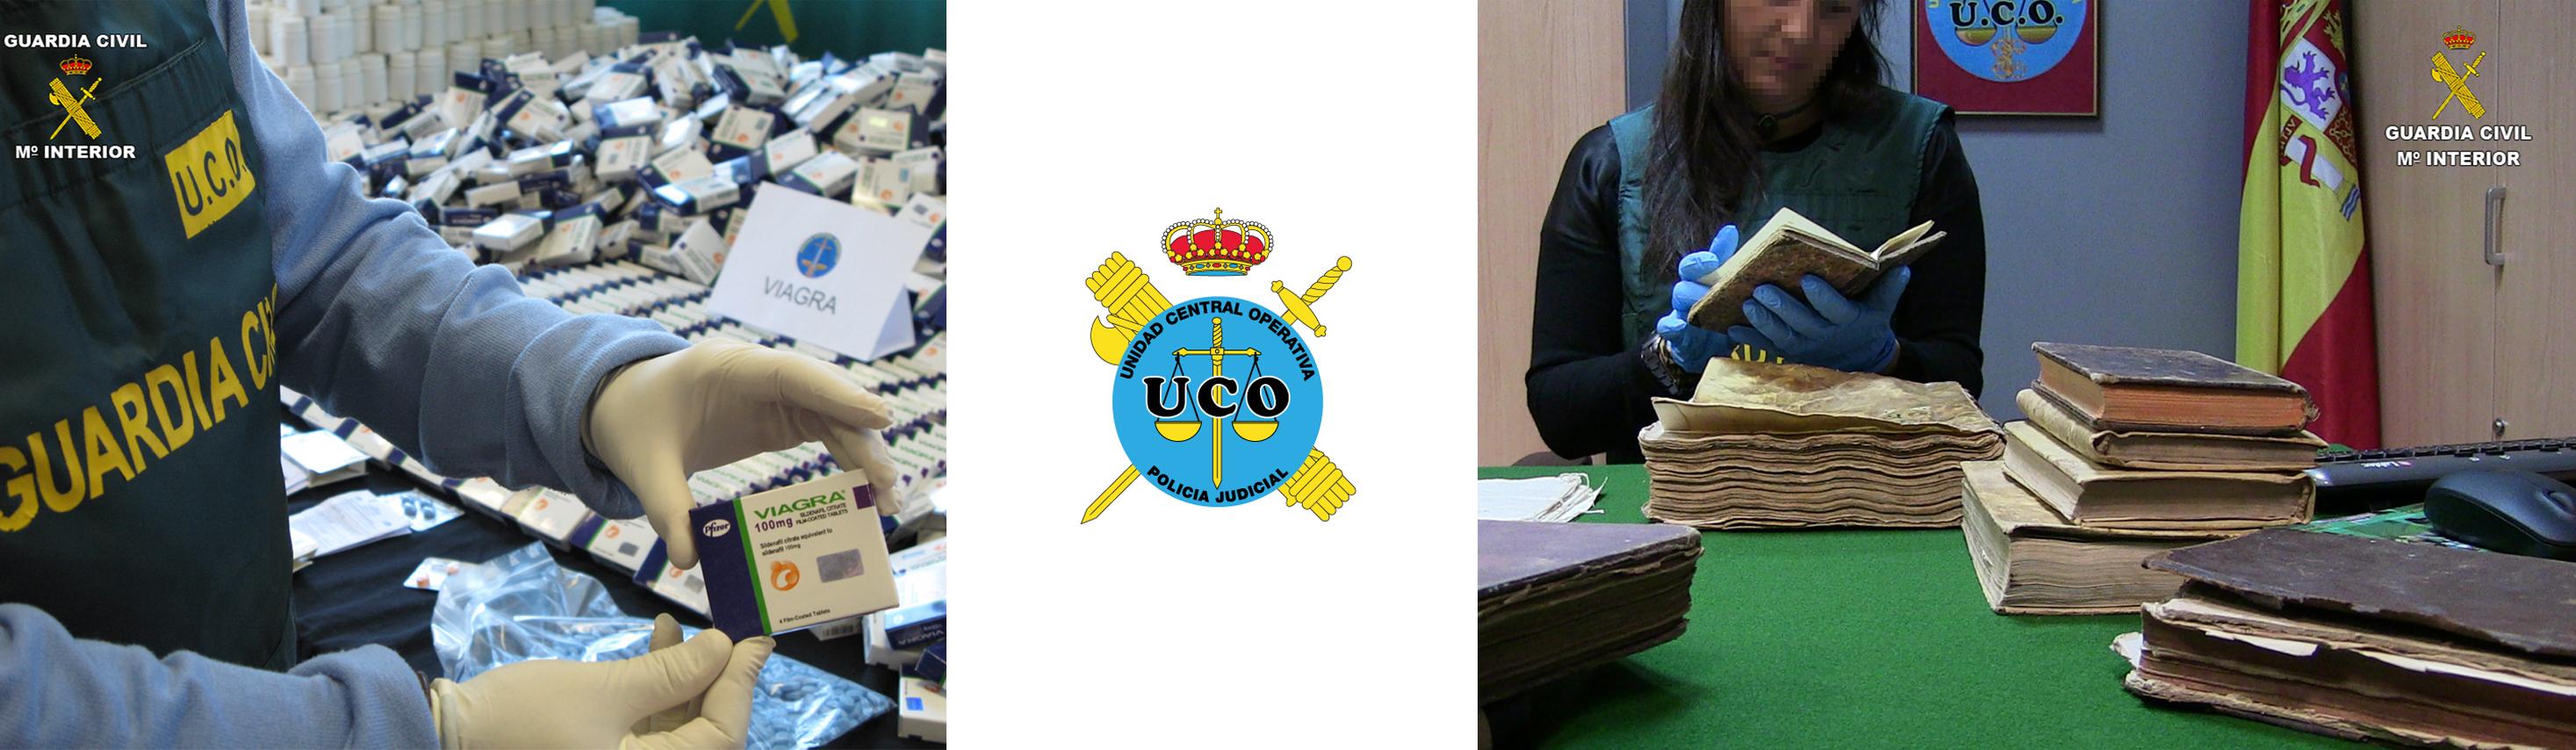 Dos investigaciones de la UCO de la Guardia Civil, sobre falsificación de medicamentos y el robo de libros antiguos.